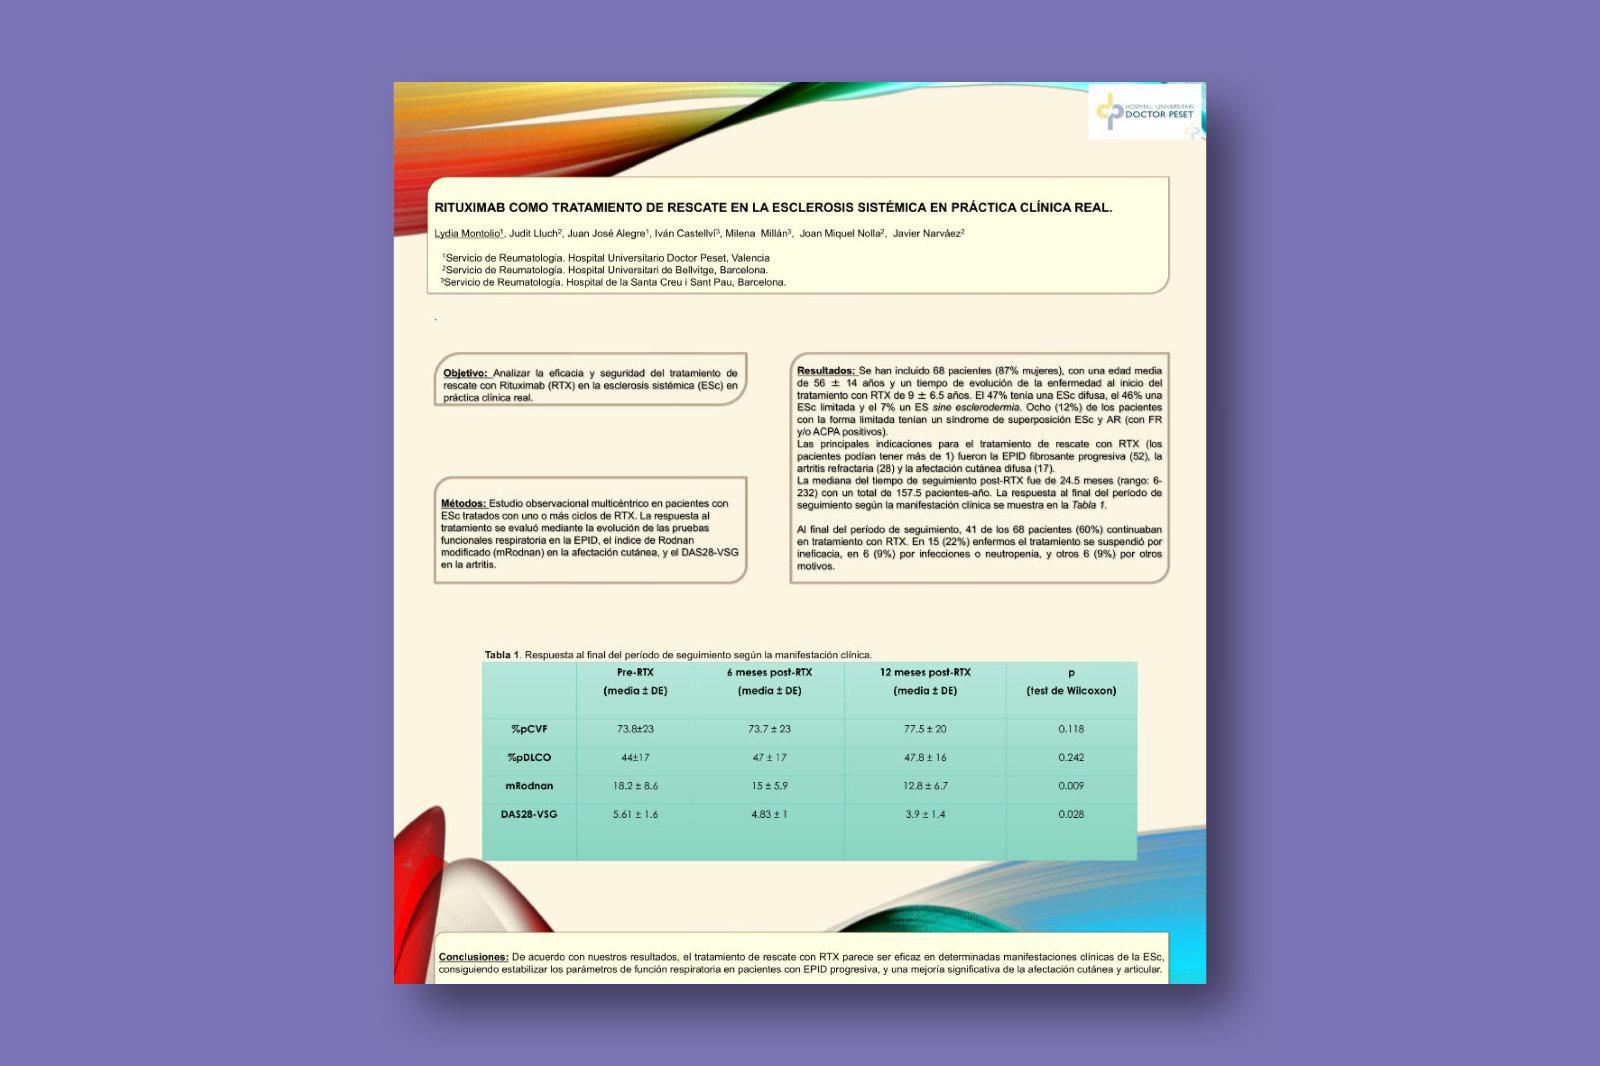 Rituximab como tratamiento de rescate en la esclerosis sistémica en práctica clínica real